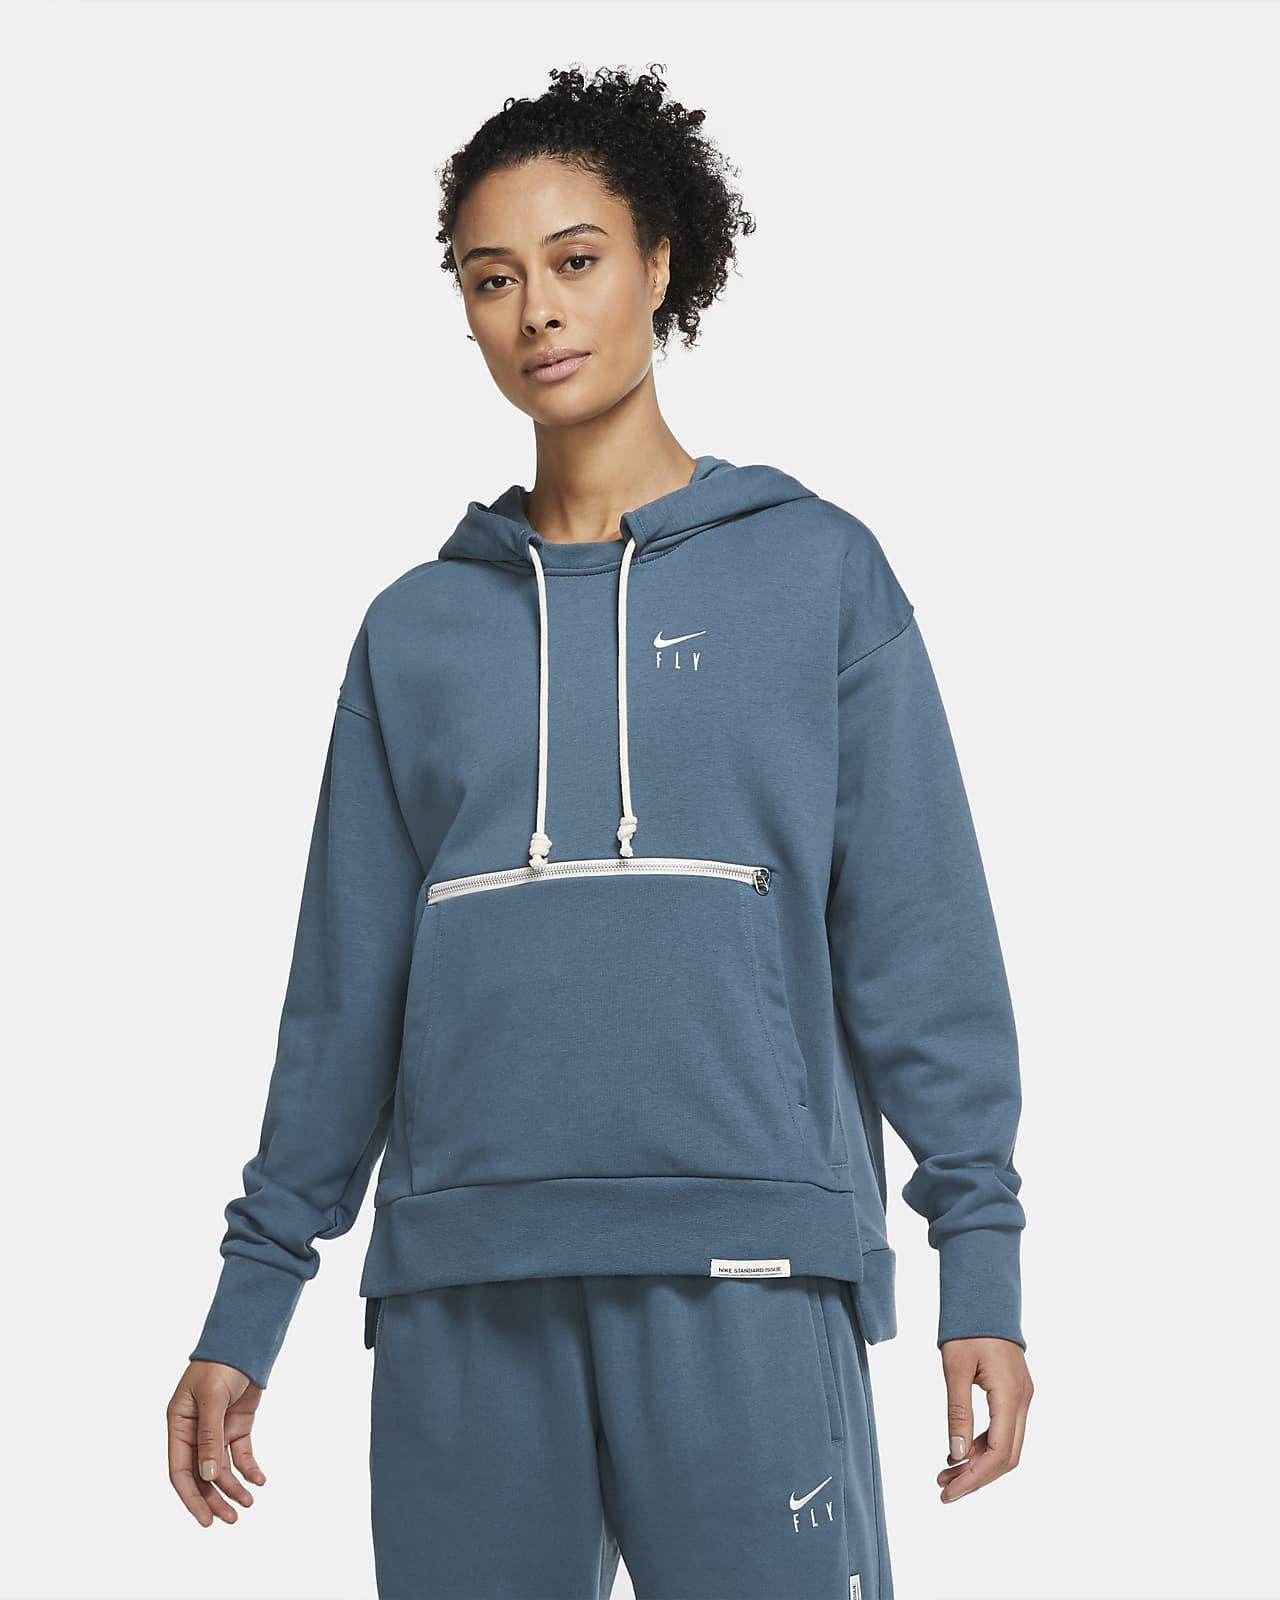 Nike Swoosh Fly Standard Issue Basketbalhoodie voor dames